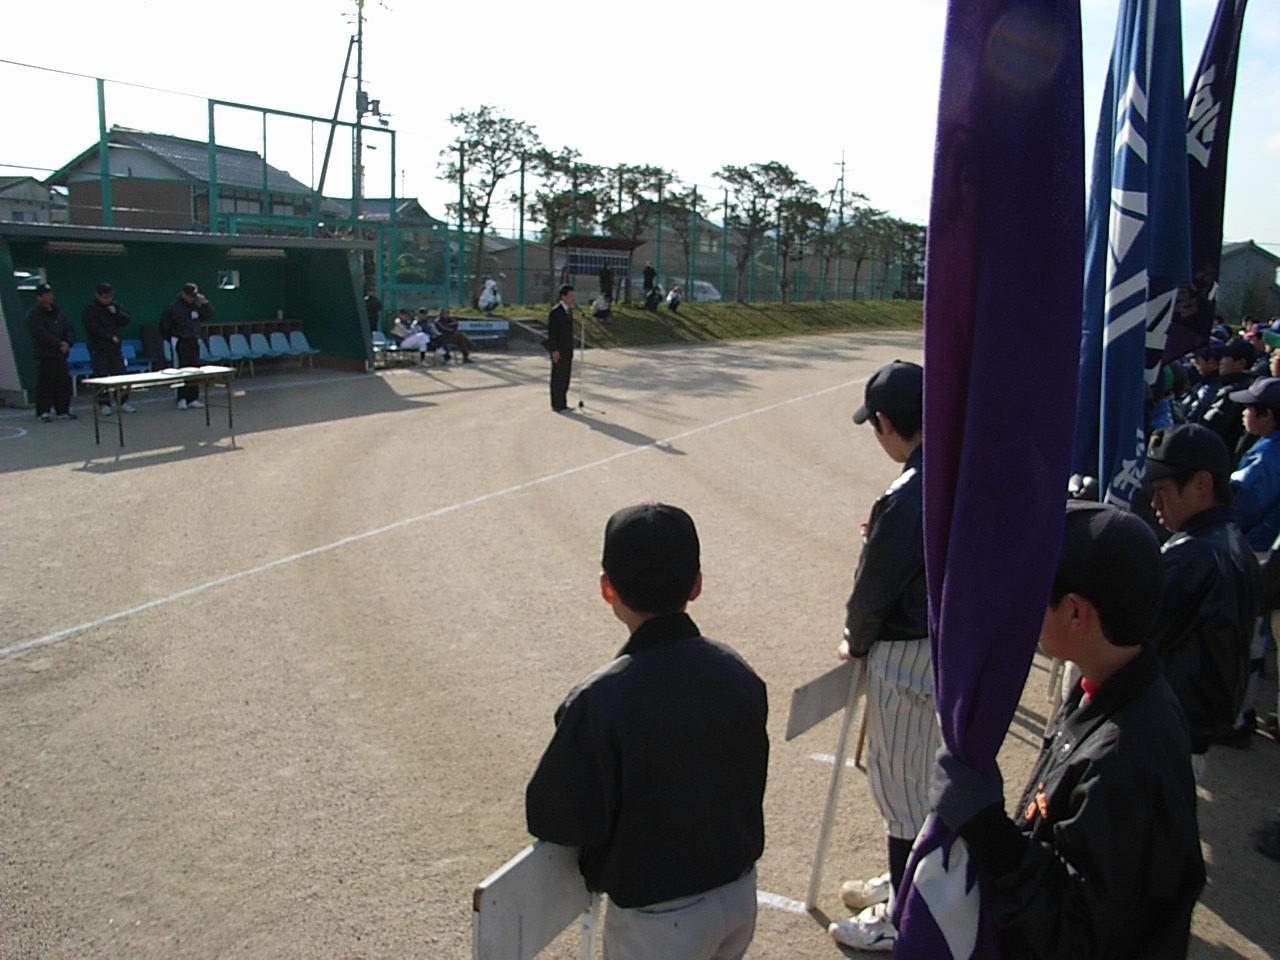 部落解放呉竹子どもを守り育てる会杯少年野球大会